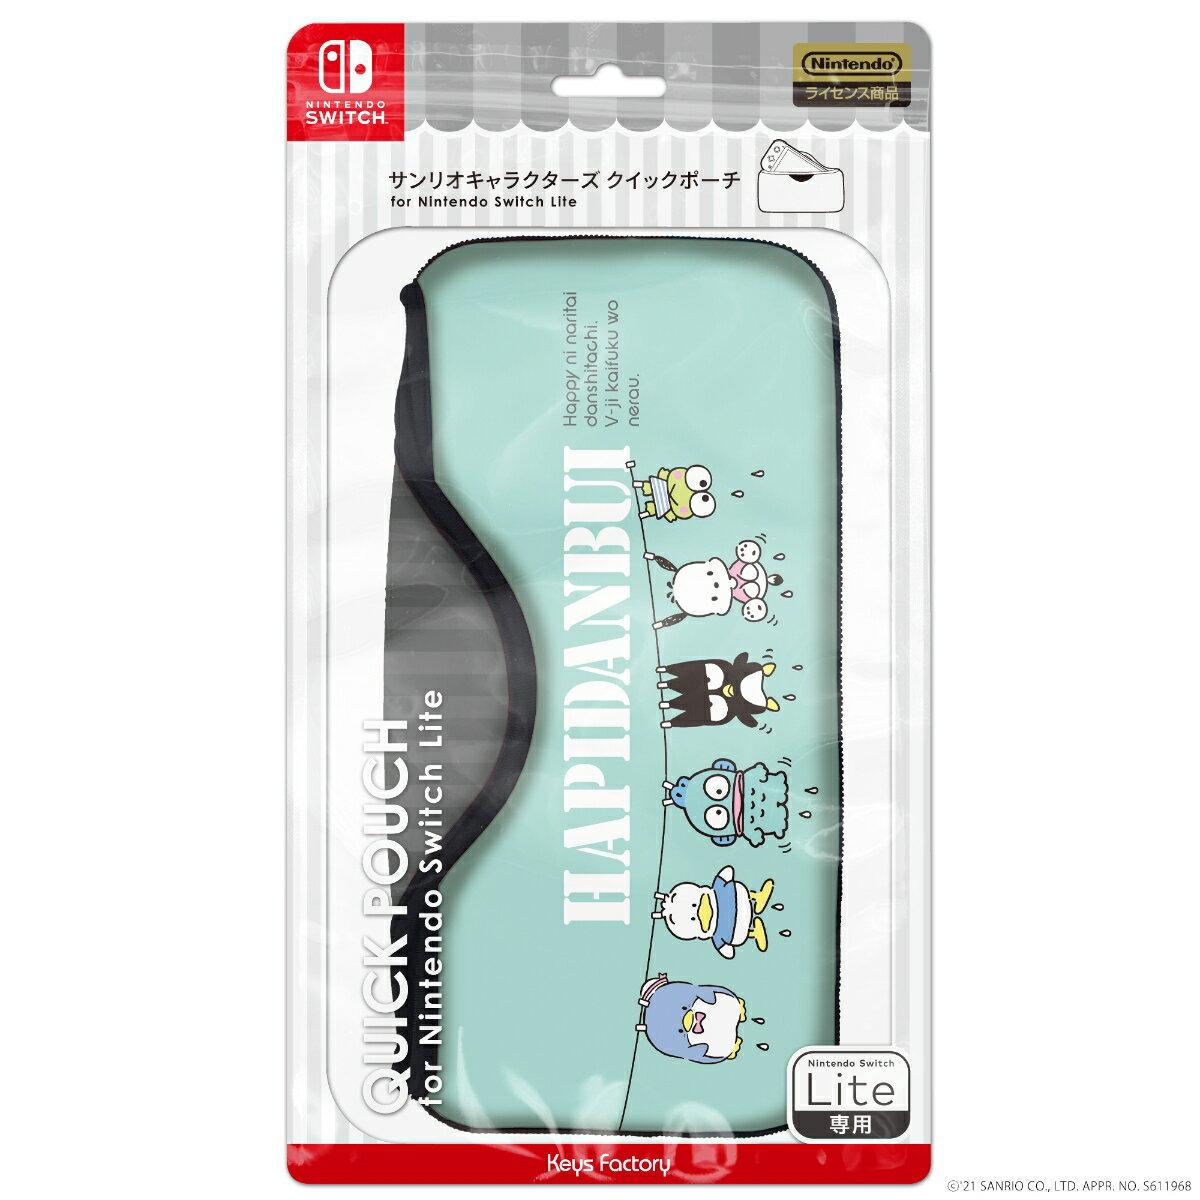 サンリオキャラクターズ クイックポーチfor Nintendo Switch Lite はぴだんぶい